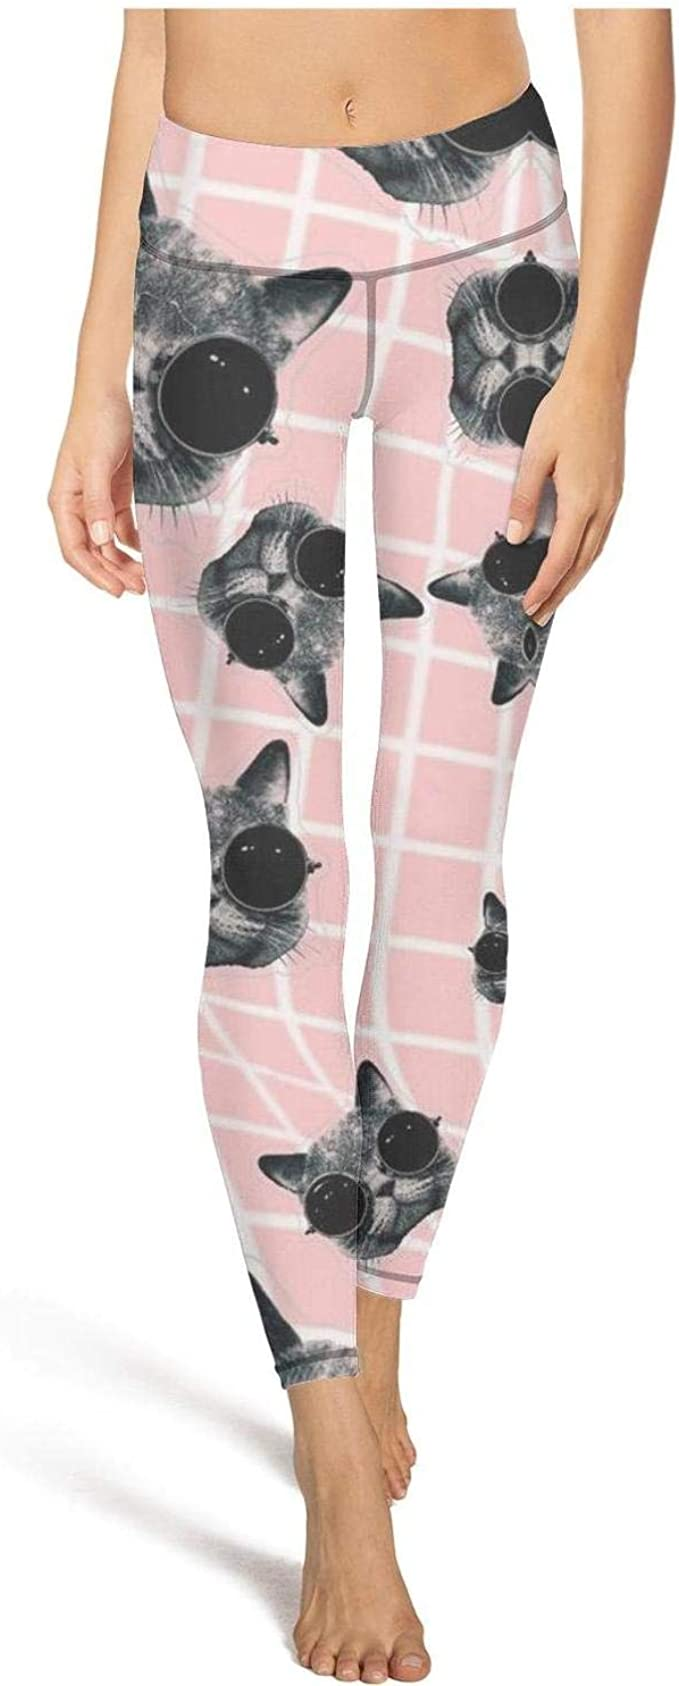 TONGZIRT Leggings de Cintura Alta para Mujer con Caras de Gato, Pantalones de Yoga, cómodos para Correr - - Small: Amazon.es: Ropa y accesorios